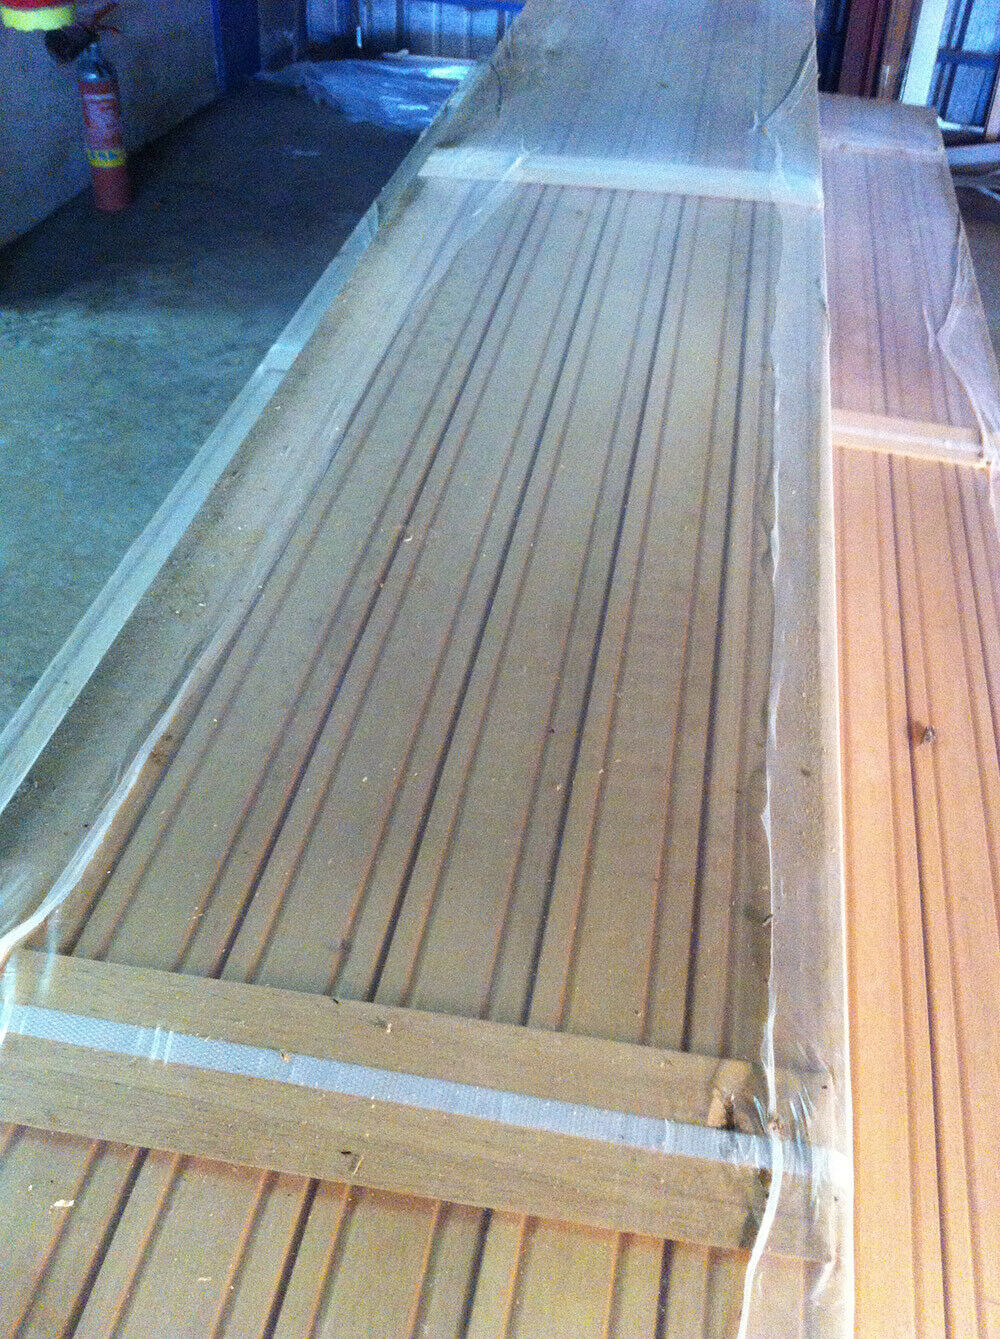 Mostrina per porta in legno massello grezzo L 225 cm in vendita - foto 3